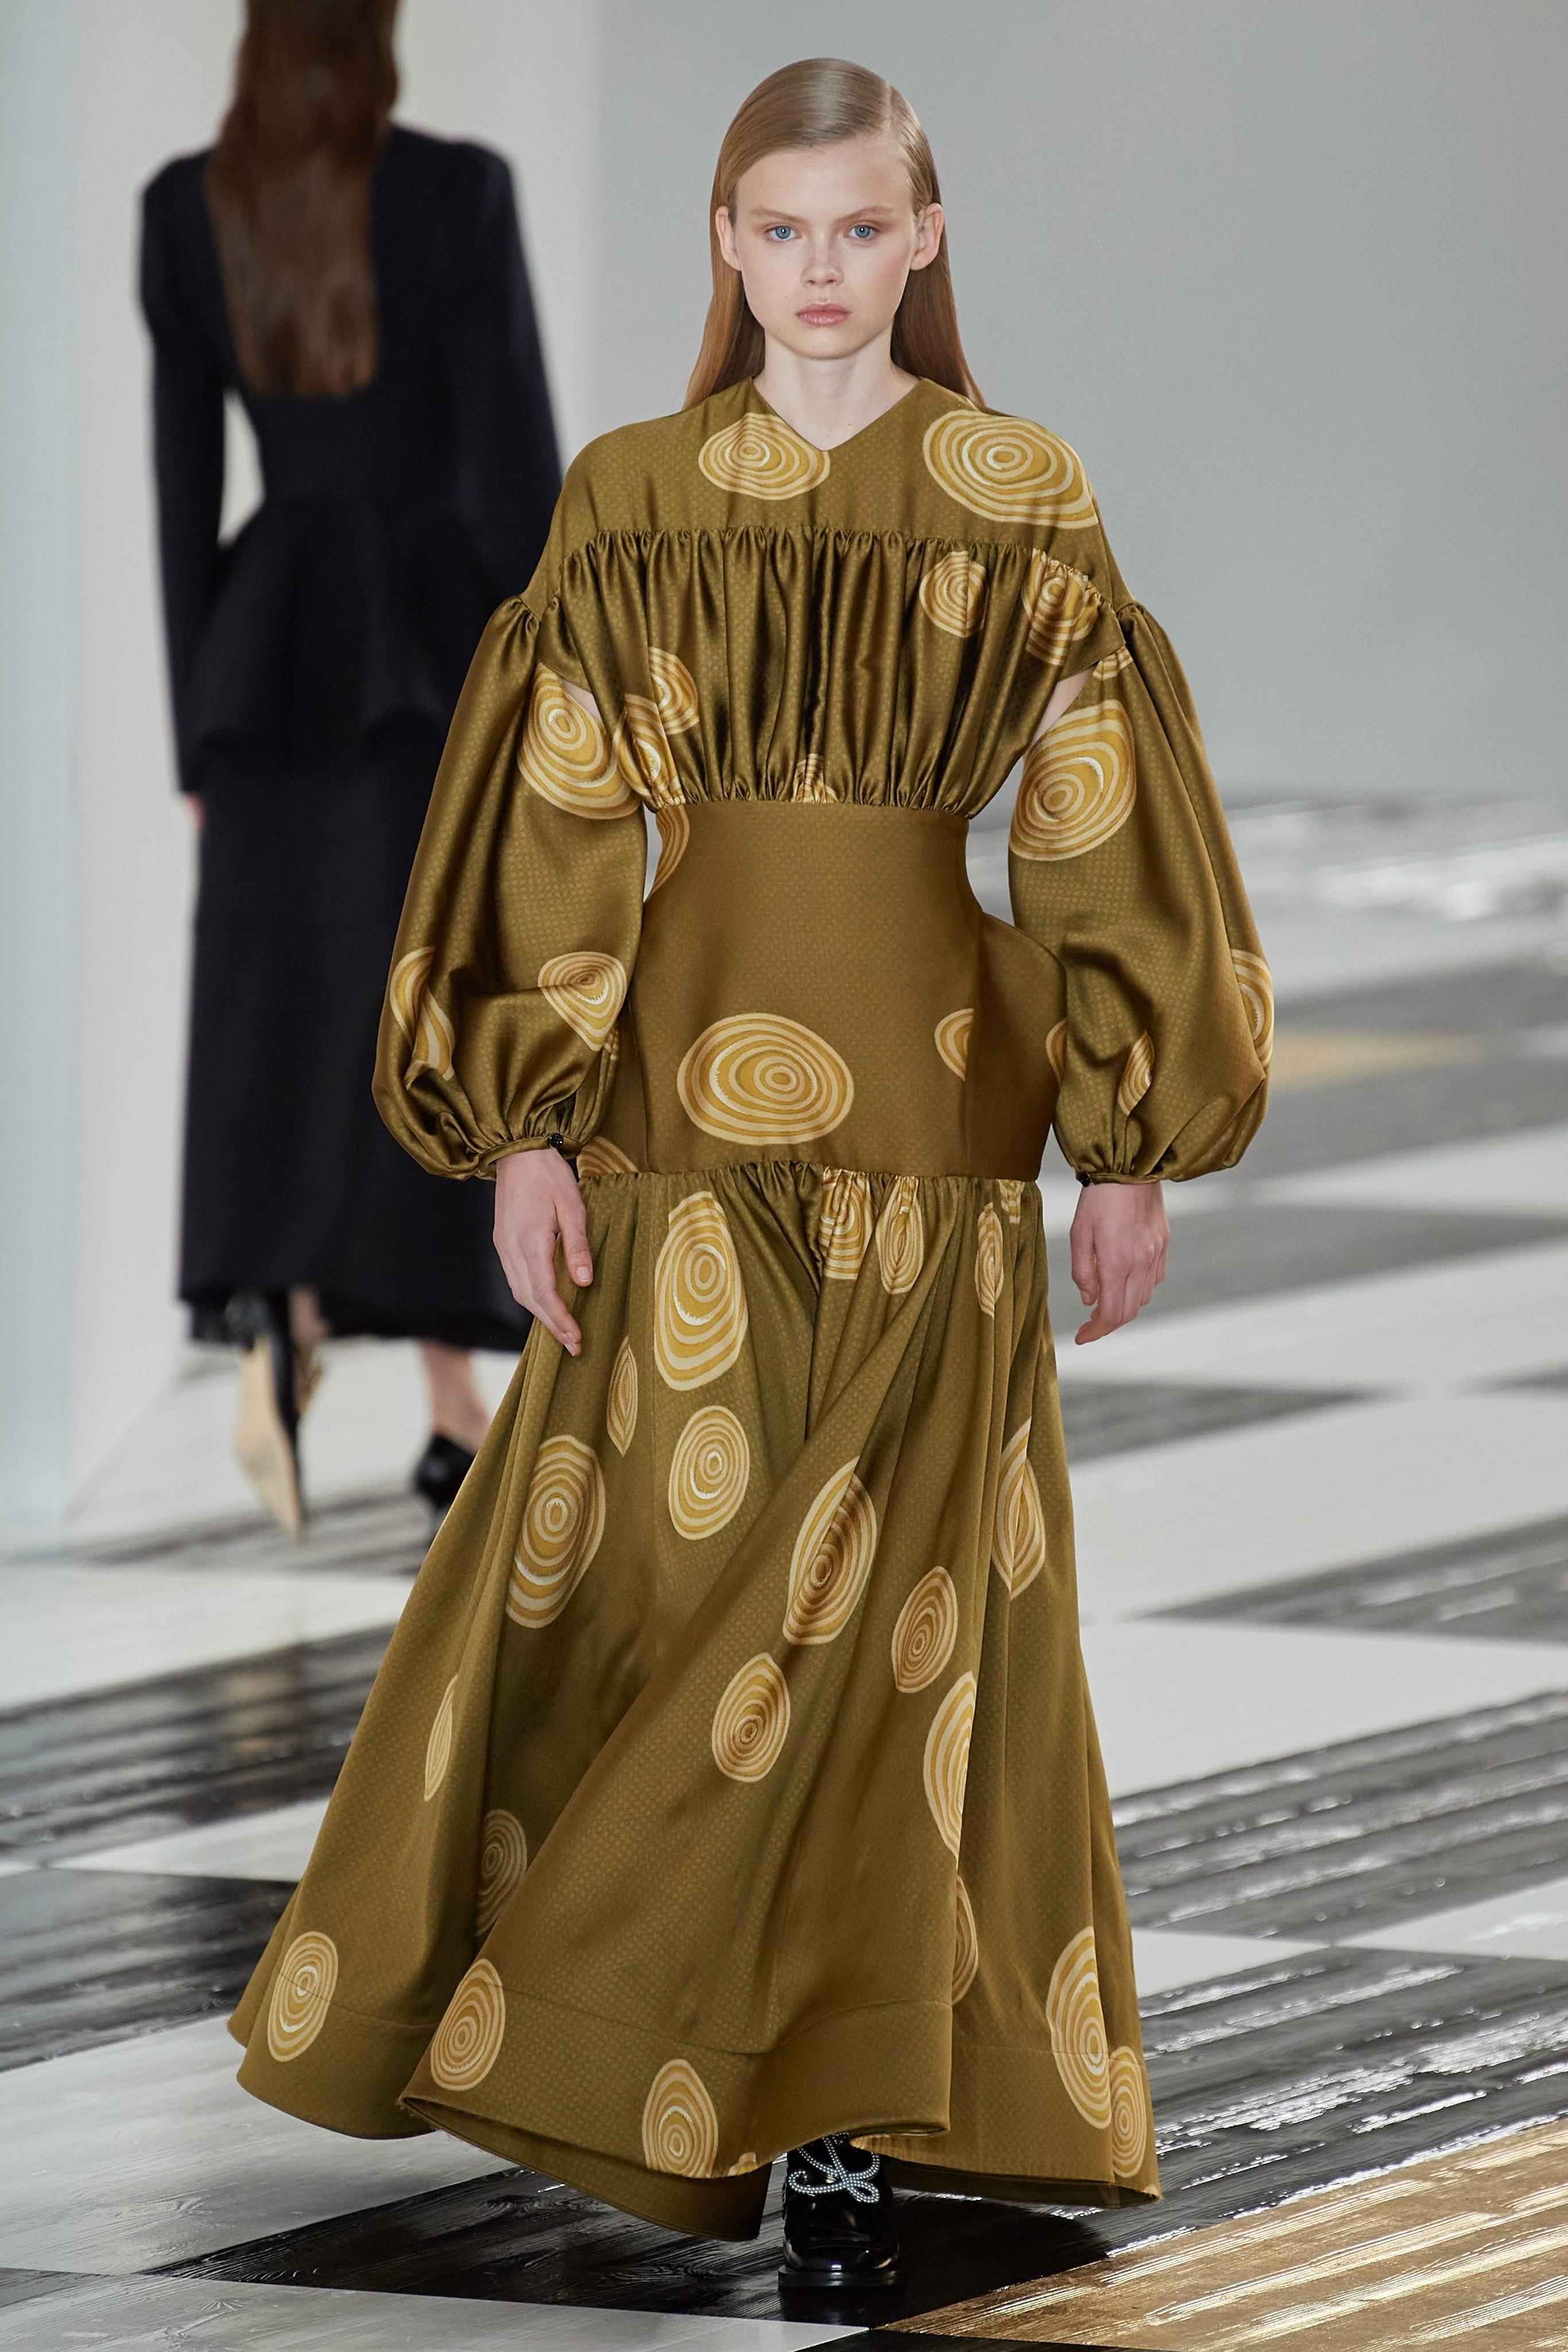 Thiết kế đầm tay phồng ấn tượng từ thương hiệu Loewe